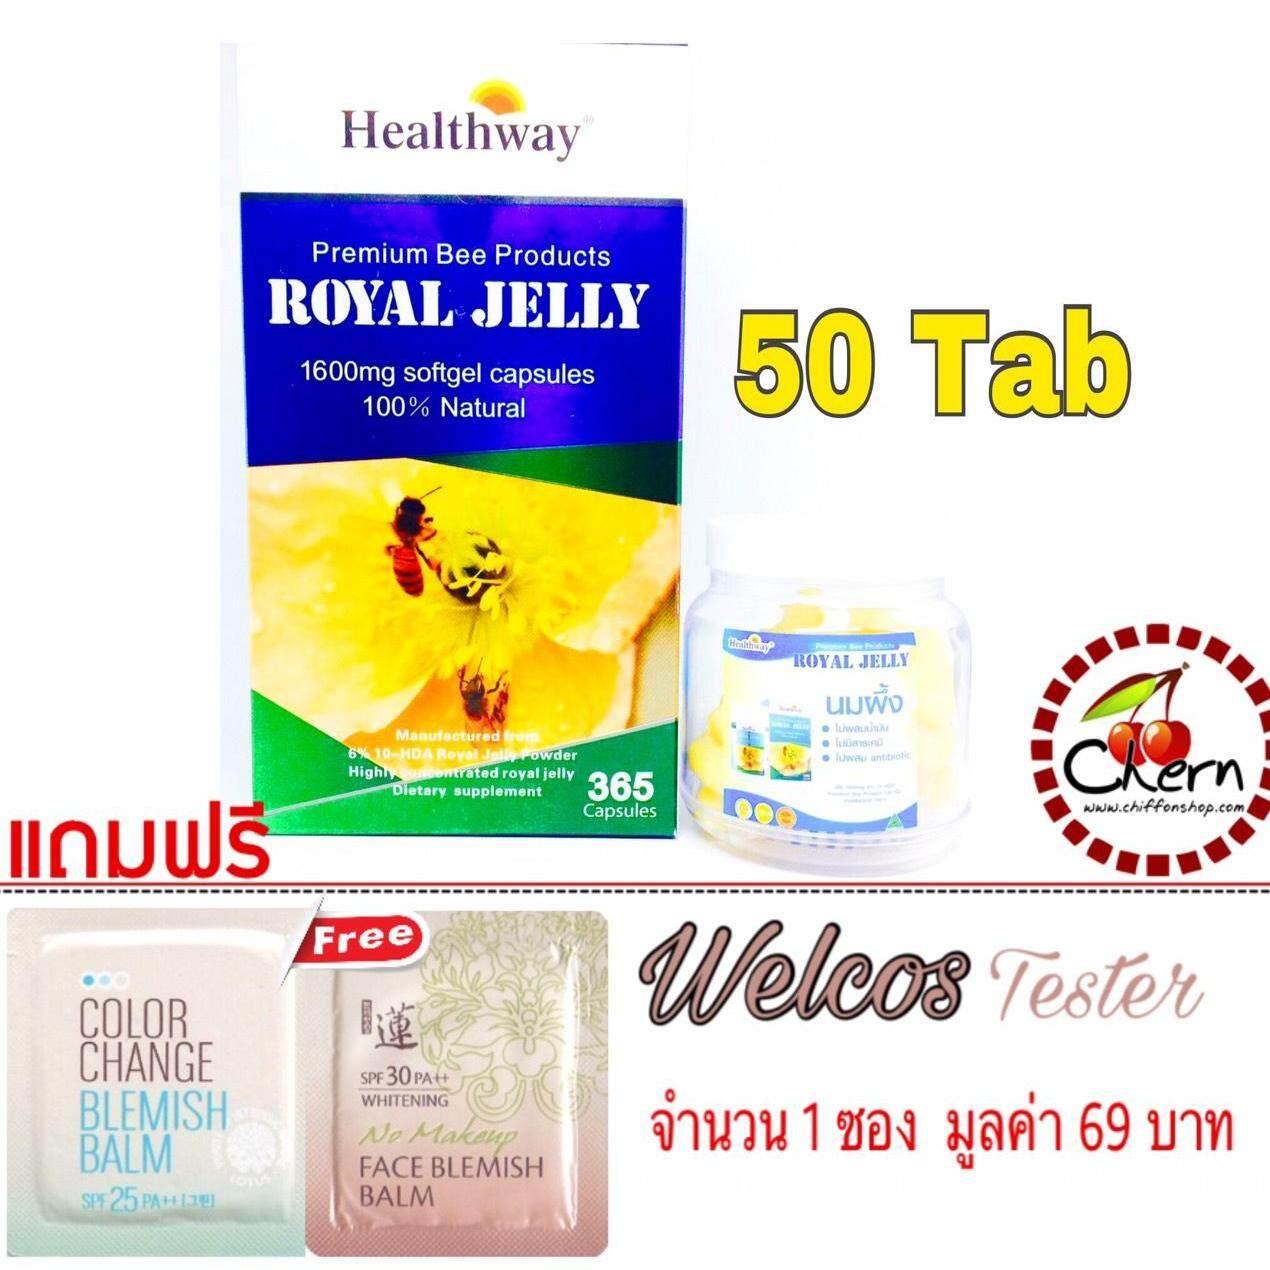 ขาย Healthway Royal Jelly 6 1600 Mg นมผึ้งเฮลล์เวย์ พรีเมี่ยม แบ่งขาย 50เม็ด ผู้ค้าส่ง